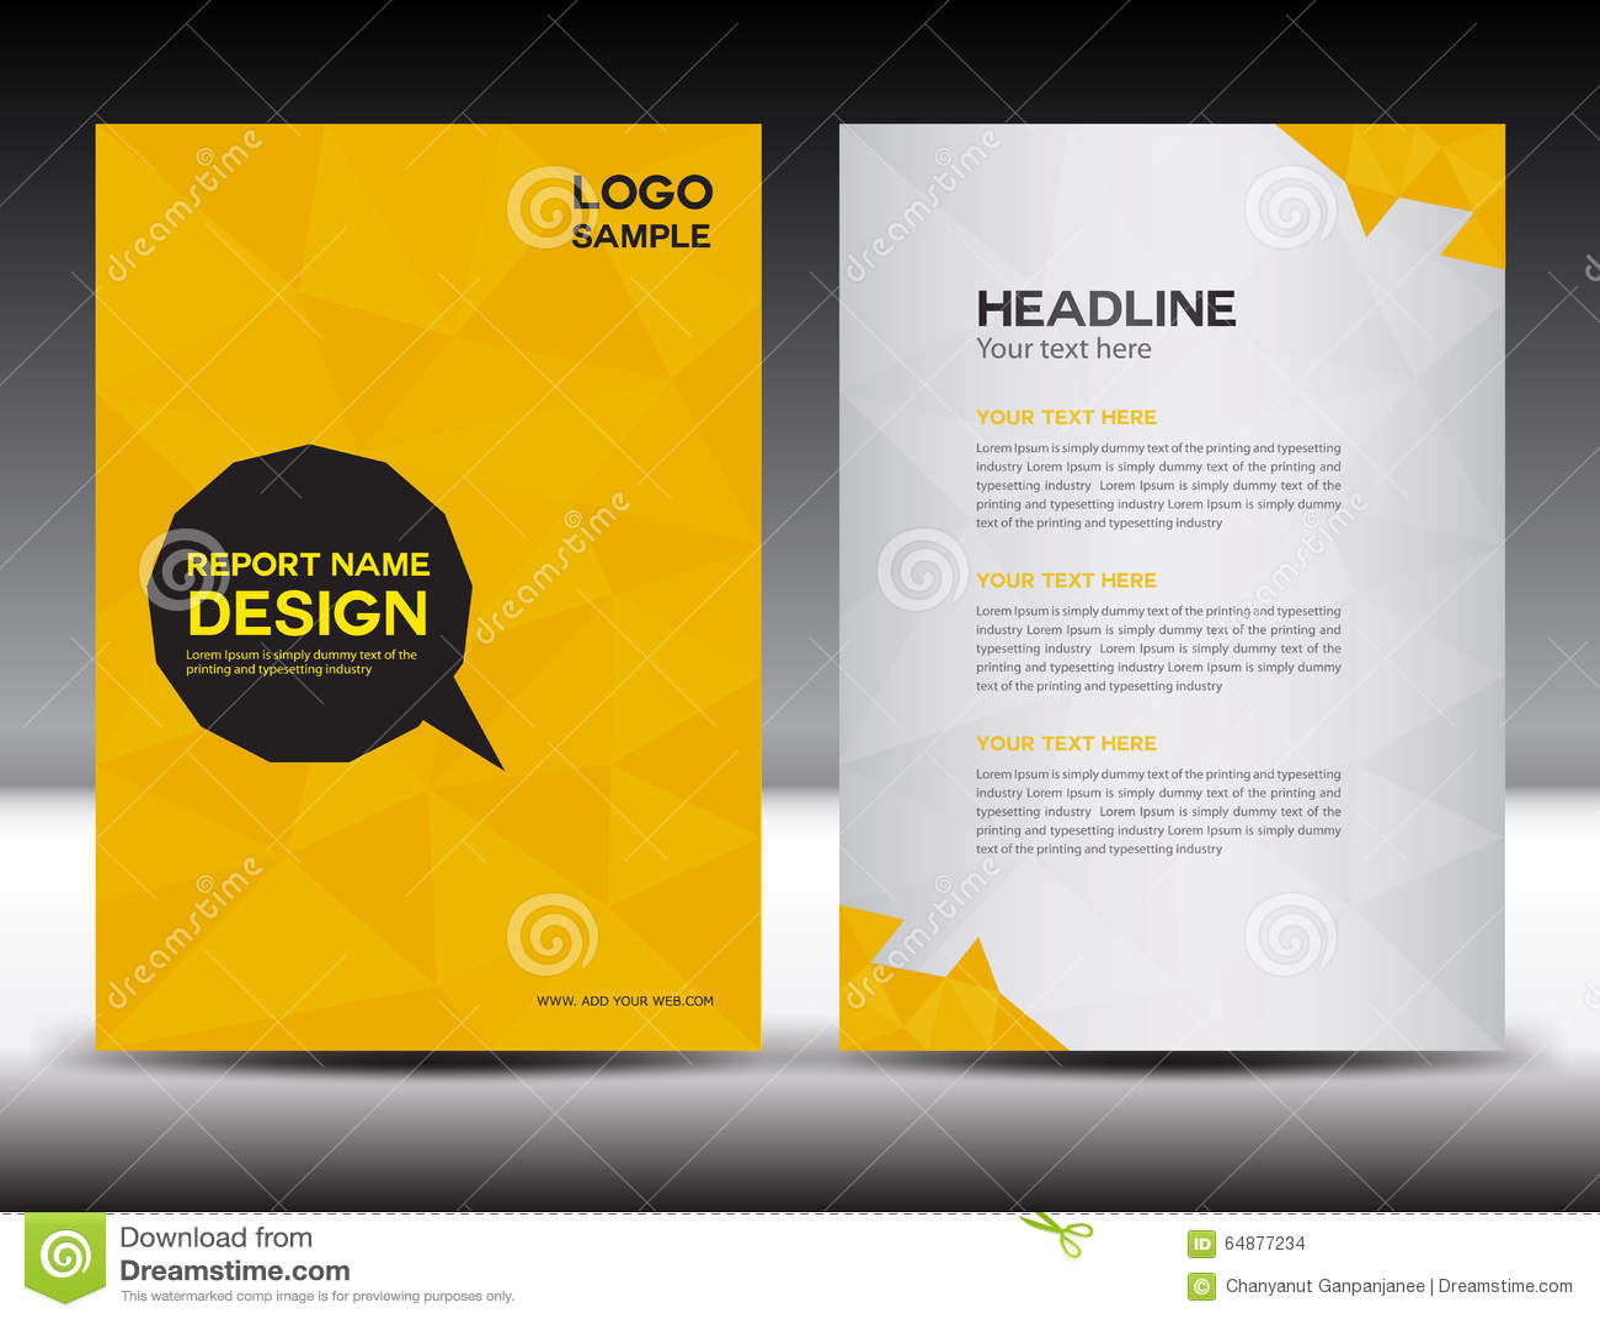 graphic design report